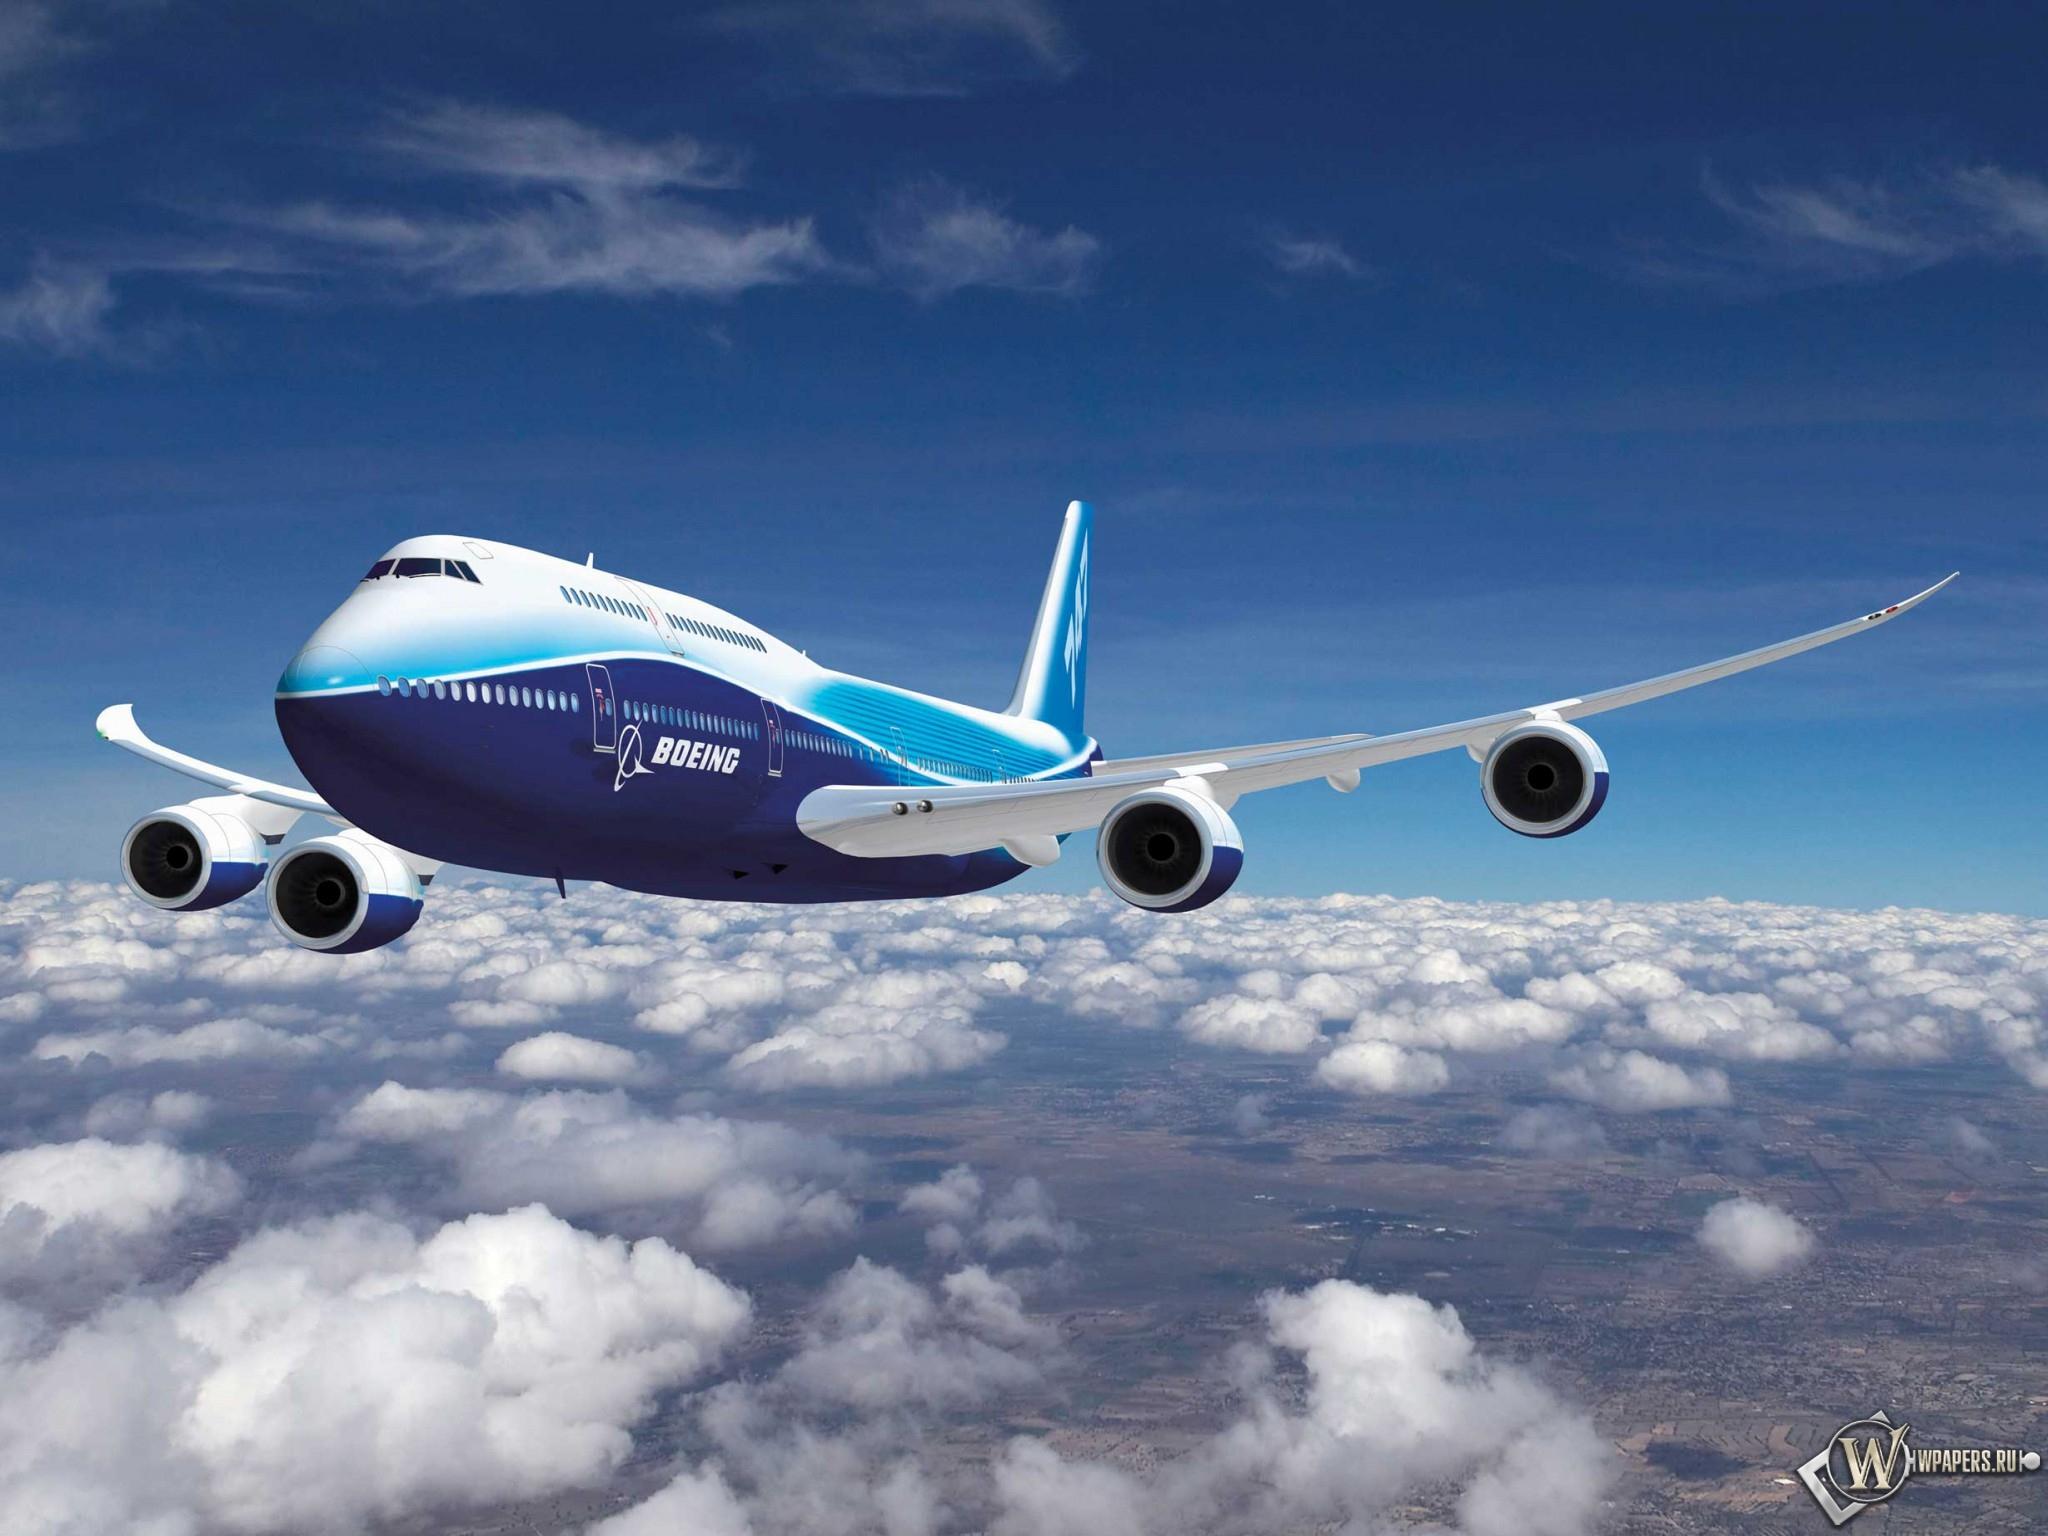 Boeing-747 2048x1536